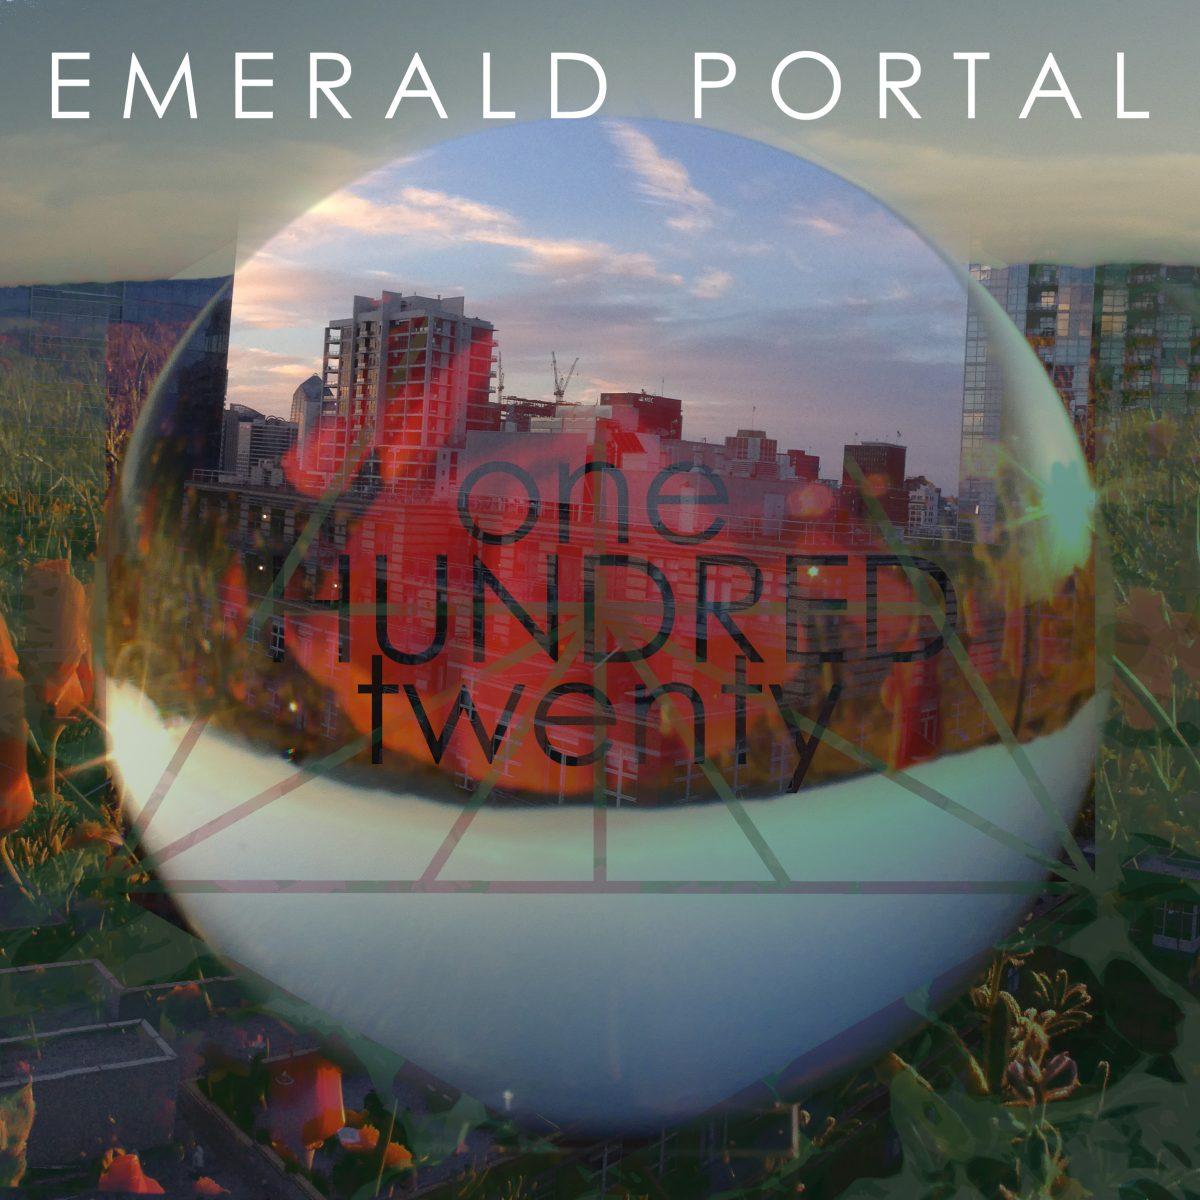 Emerald Portal – OneHundredTwenty